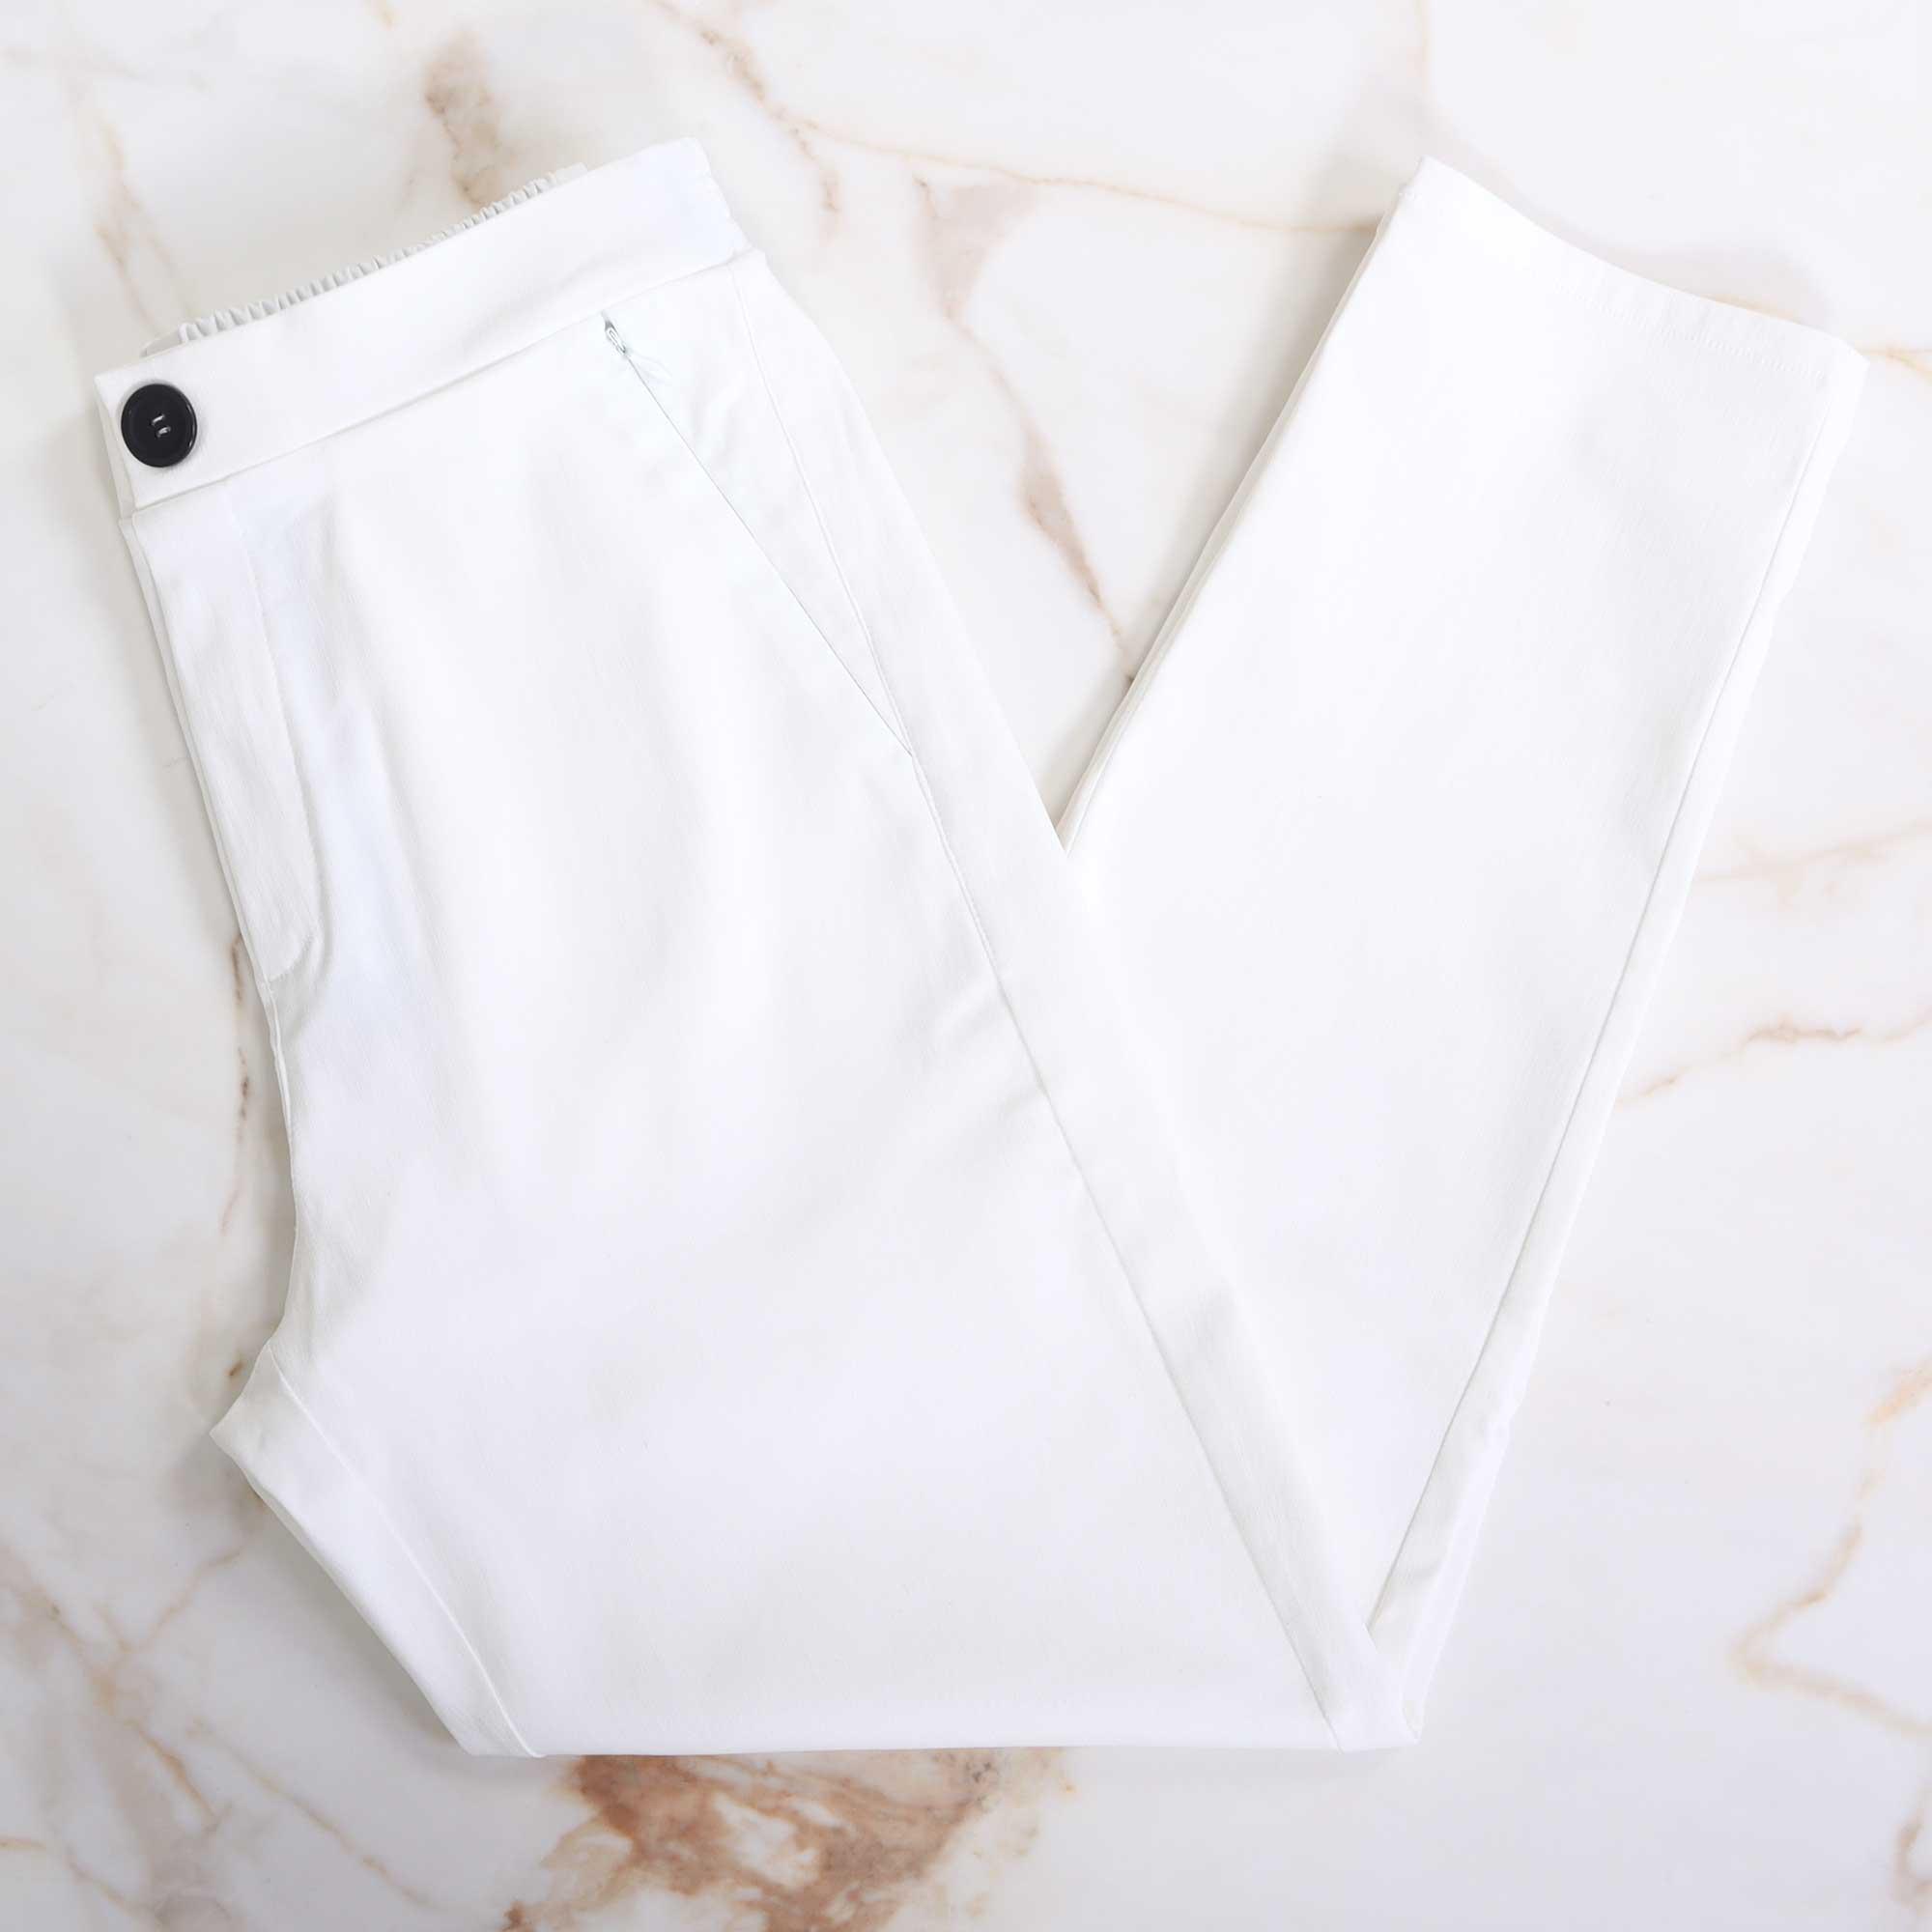 pantalon-white-5